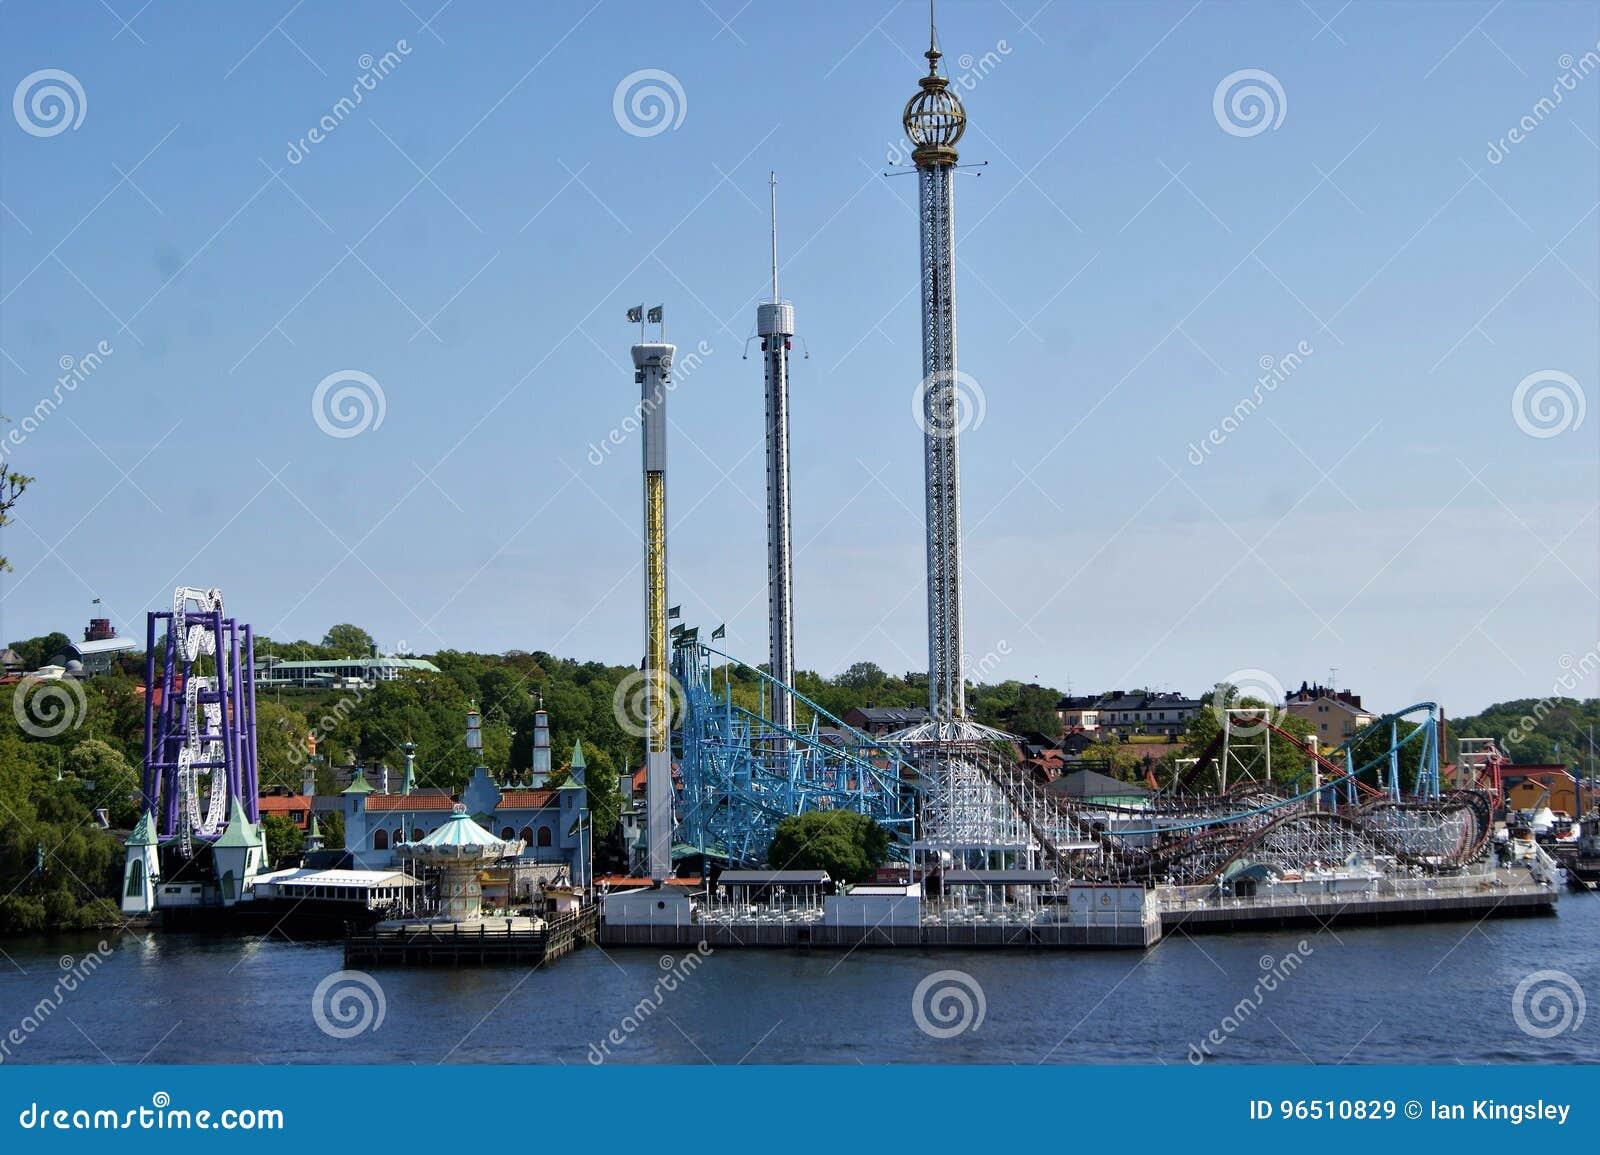 Vista do parque de diversões de Grona Lund através da água